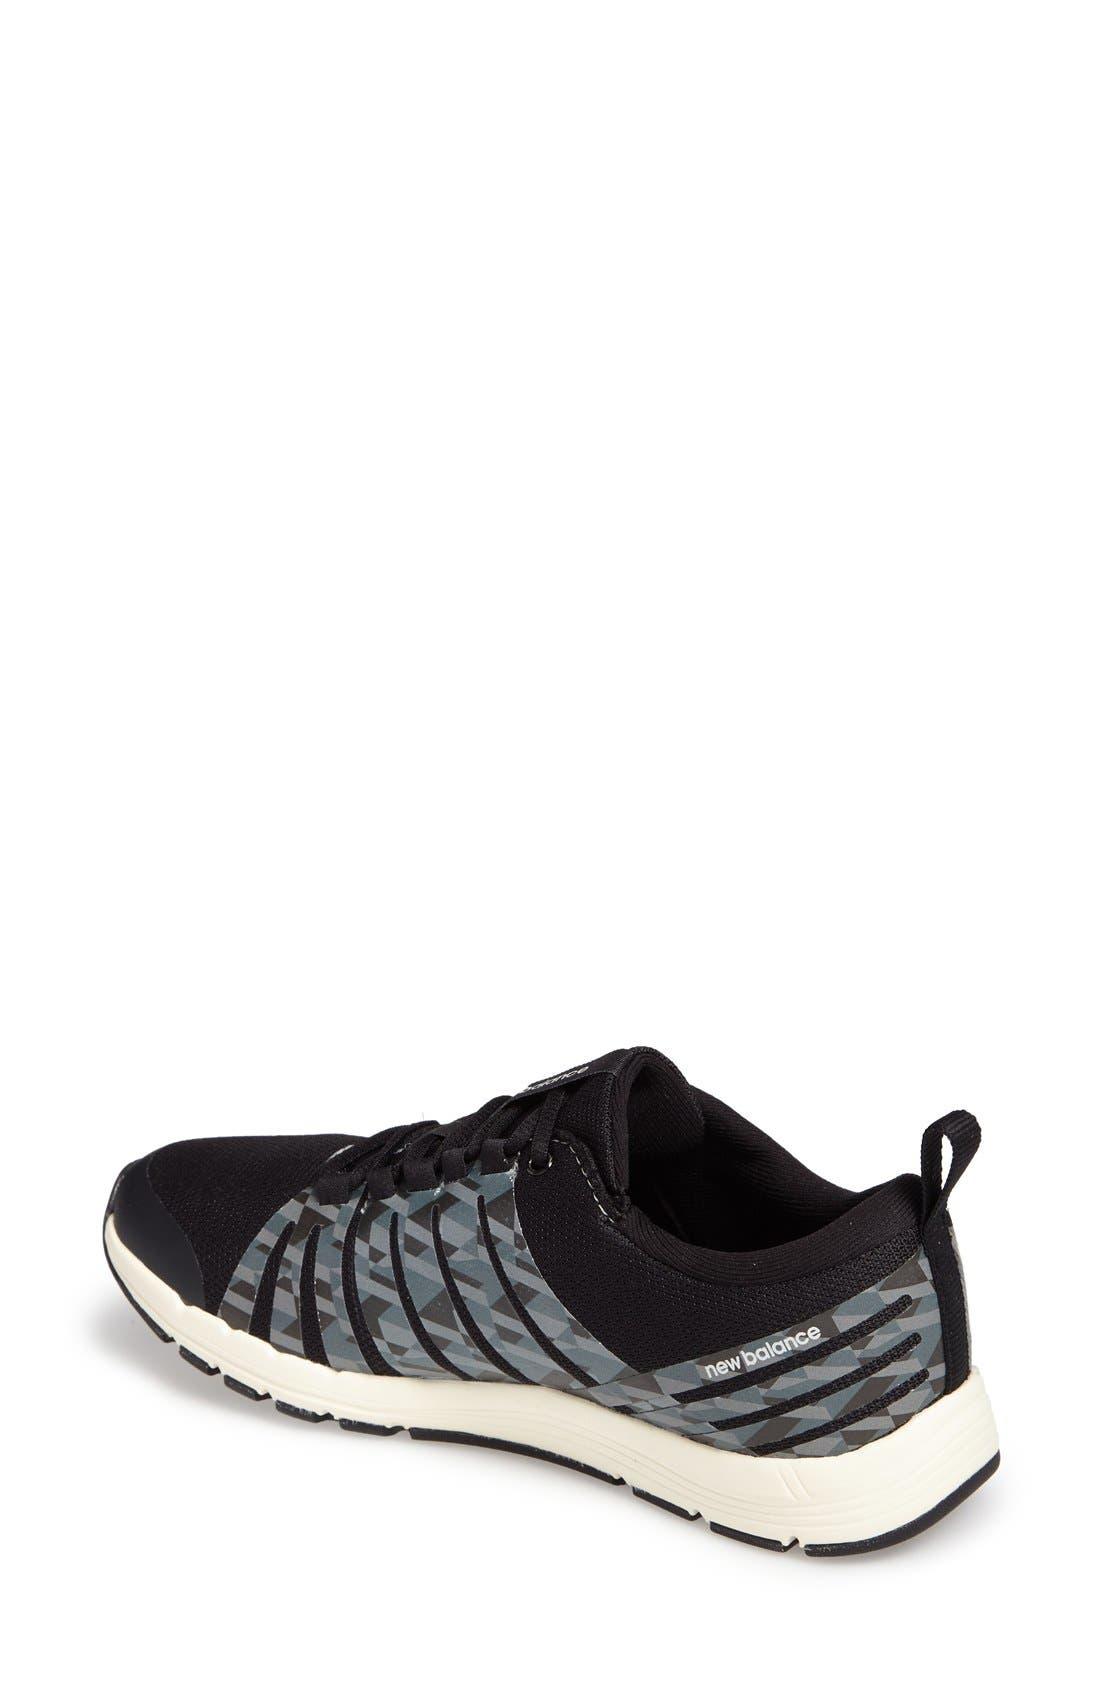 Alternate Image 2  - New Balance WX811FC Training Shoe (Women)